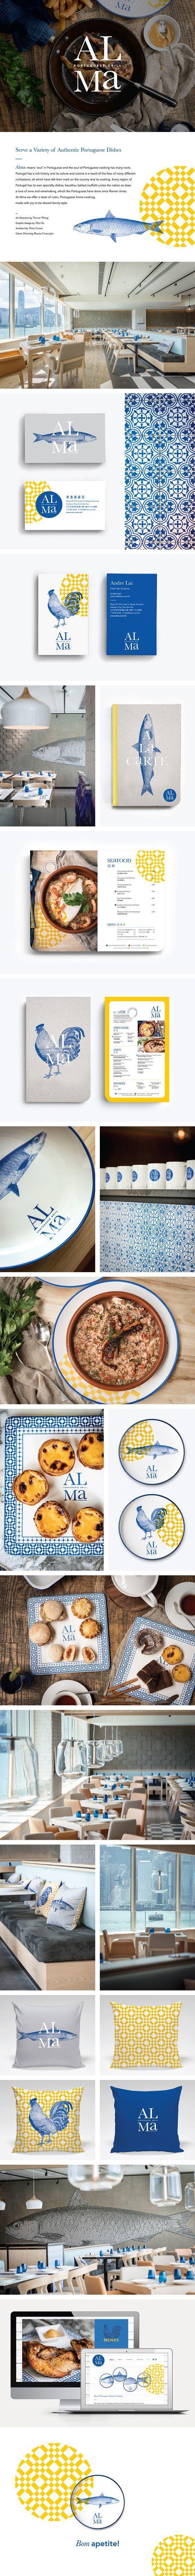 Alma Portugese Grill Restaurant Branding on Behance | Fivestar Branding – Design and Branding Agency & Inspiration Gallery